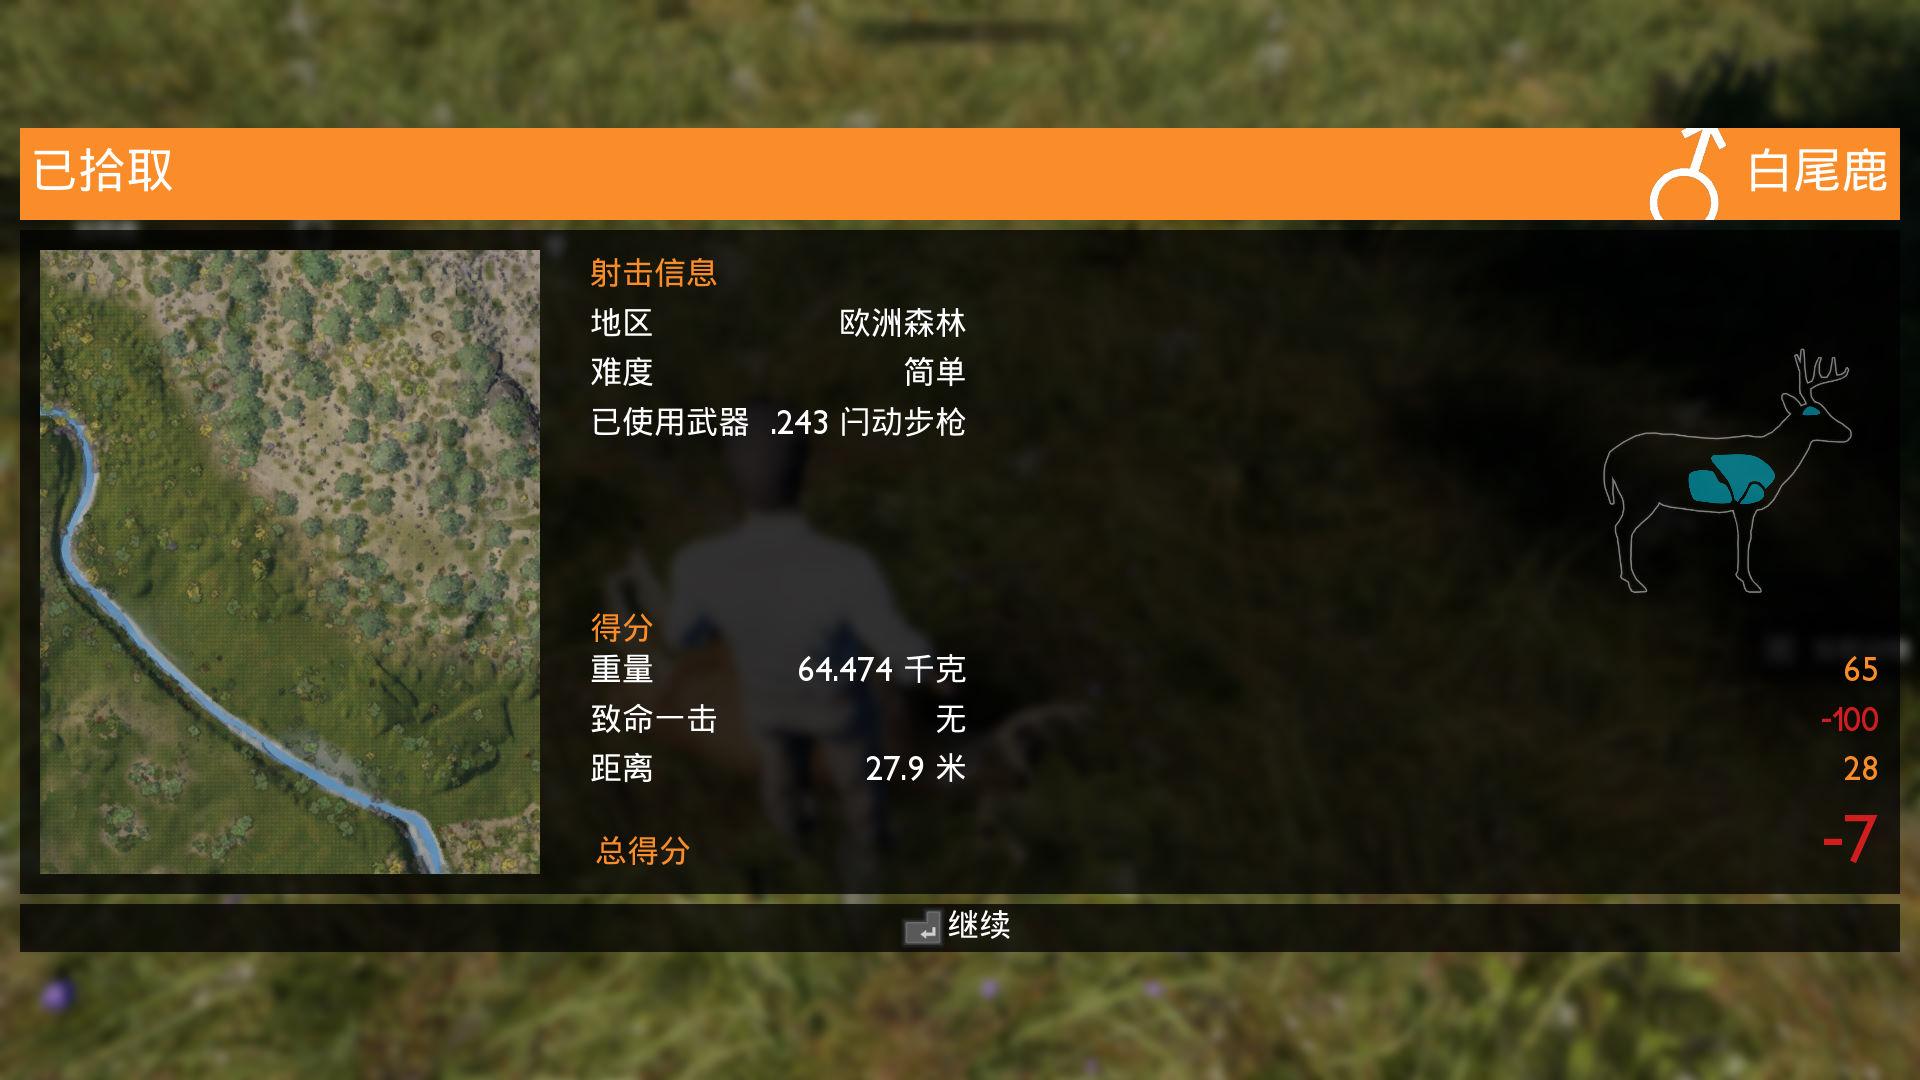 模拟狩猎游戏截图5